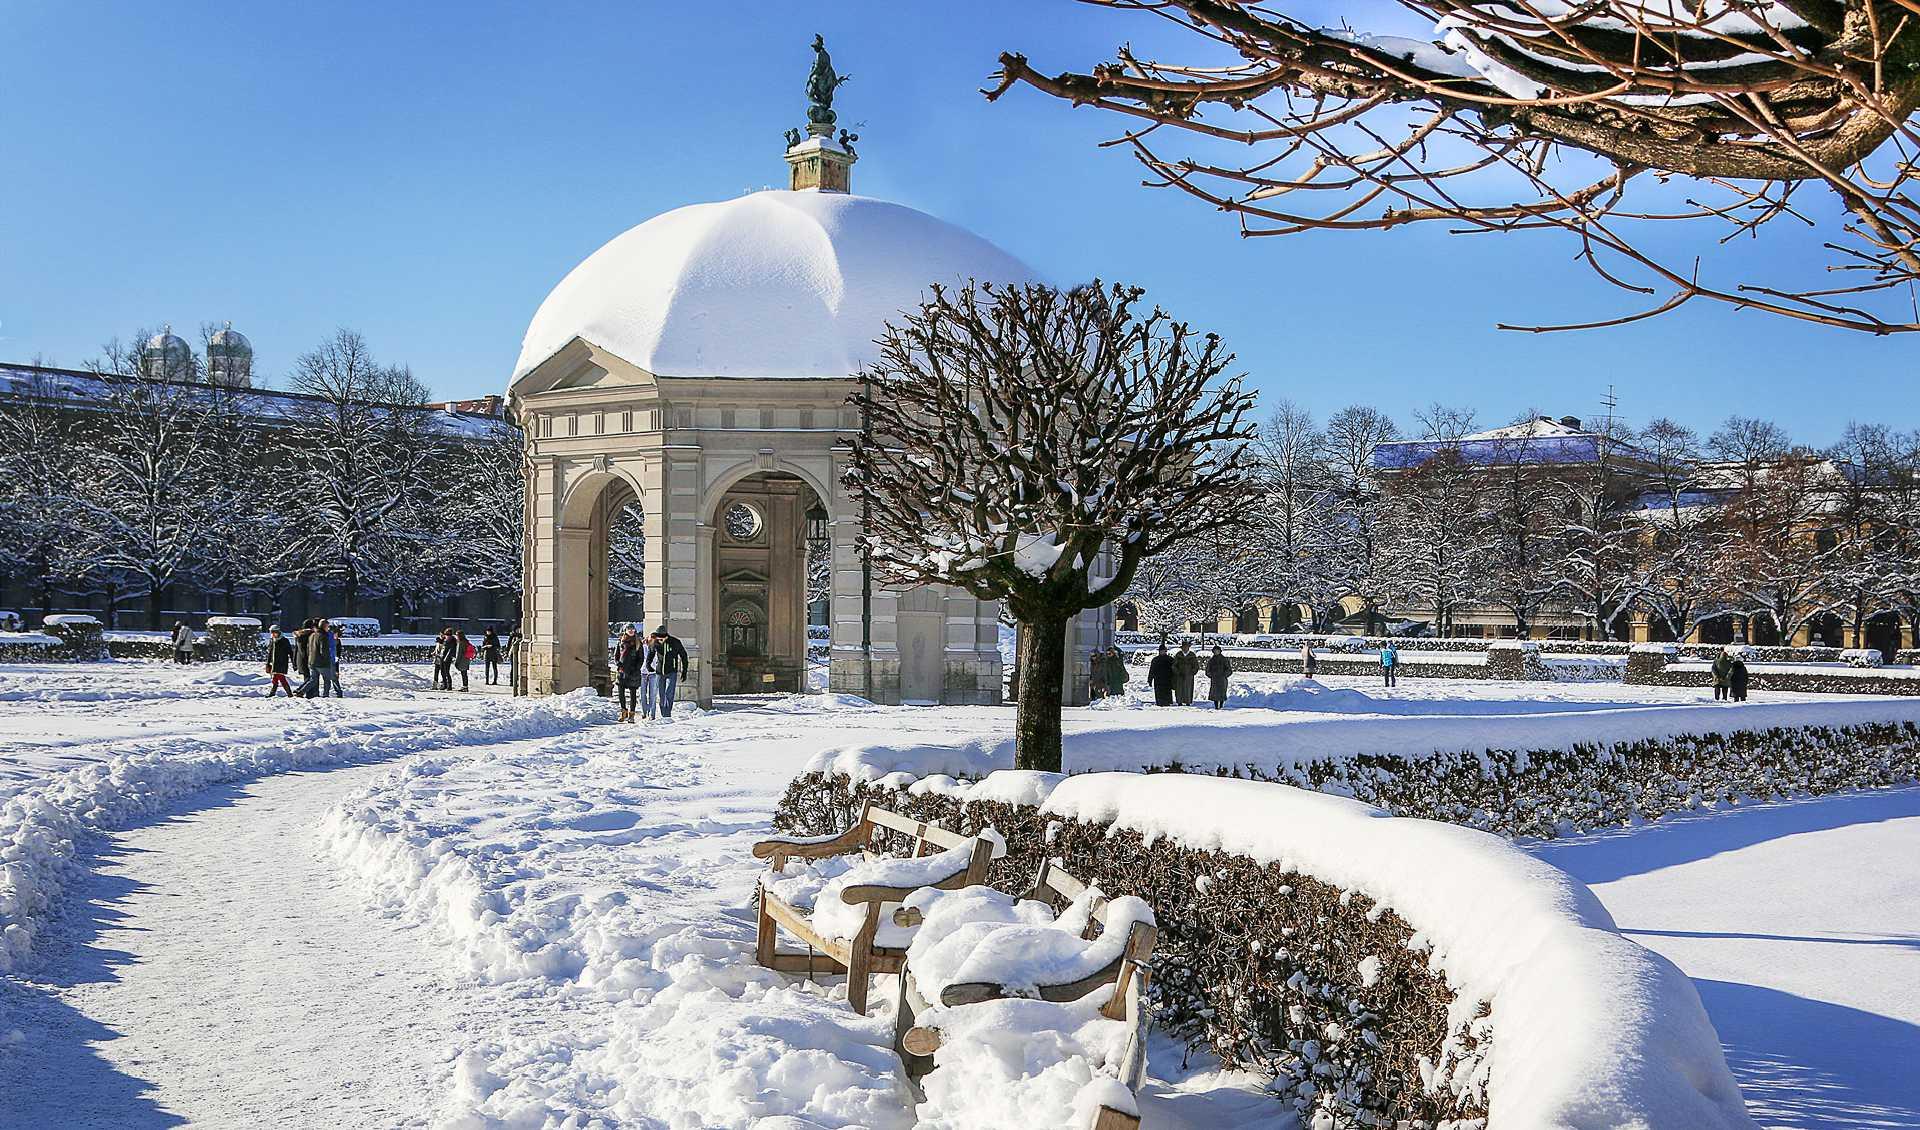 Мюнхен зимой отзывы туристов